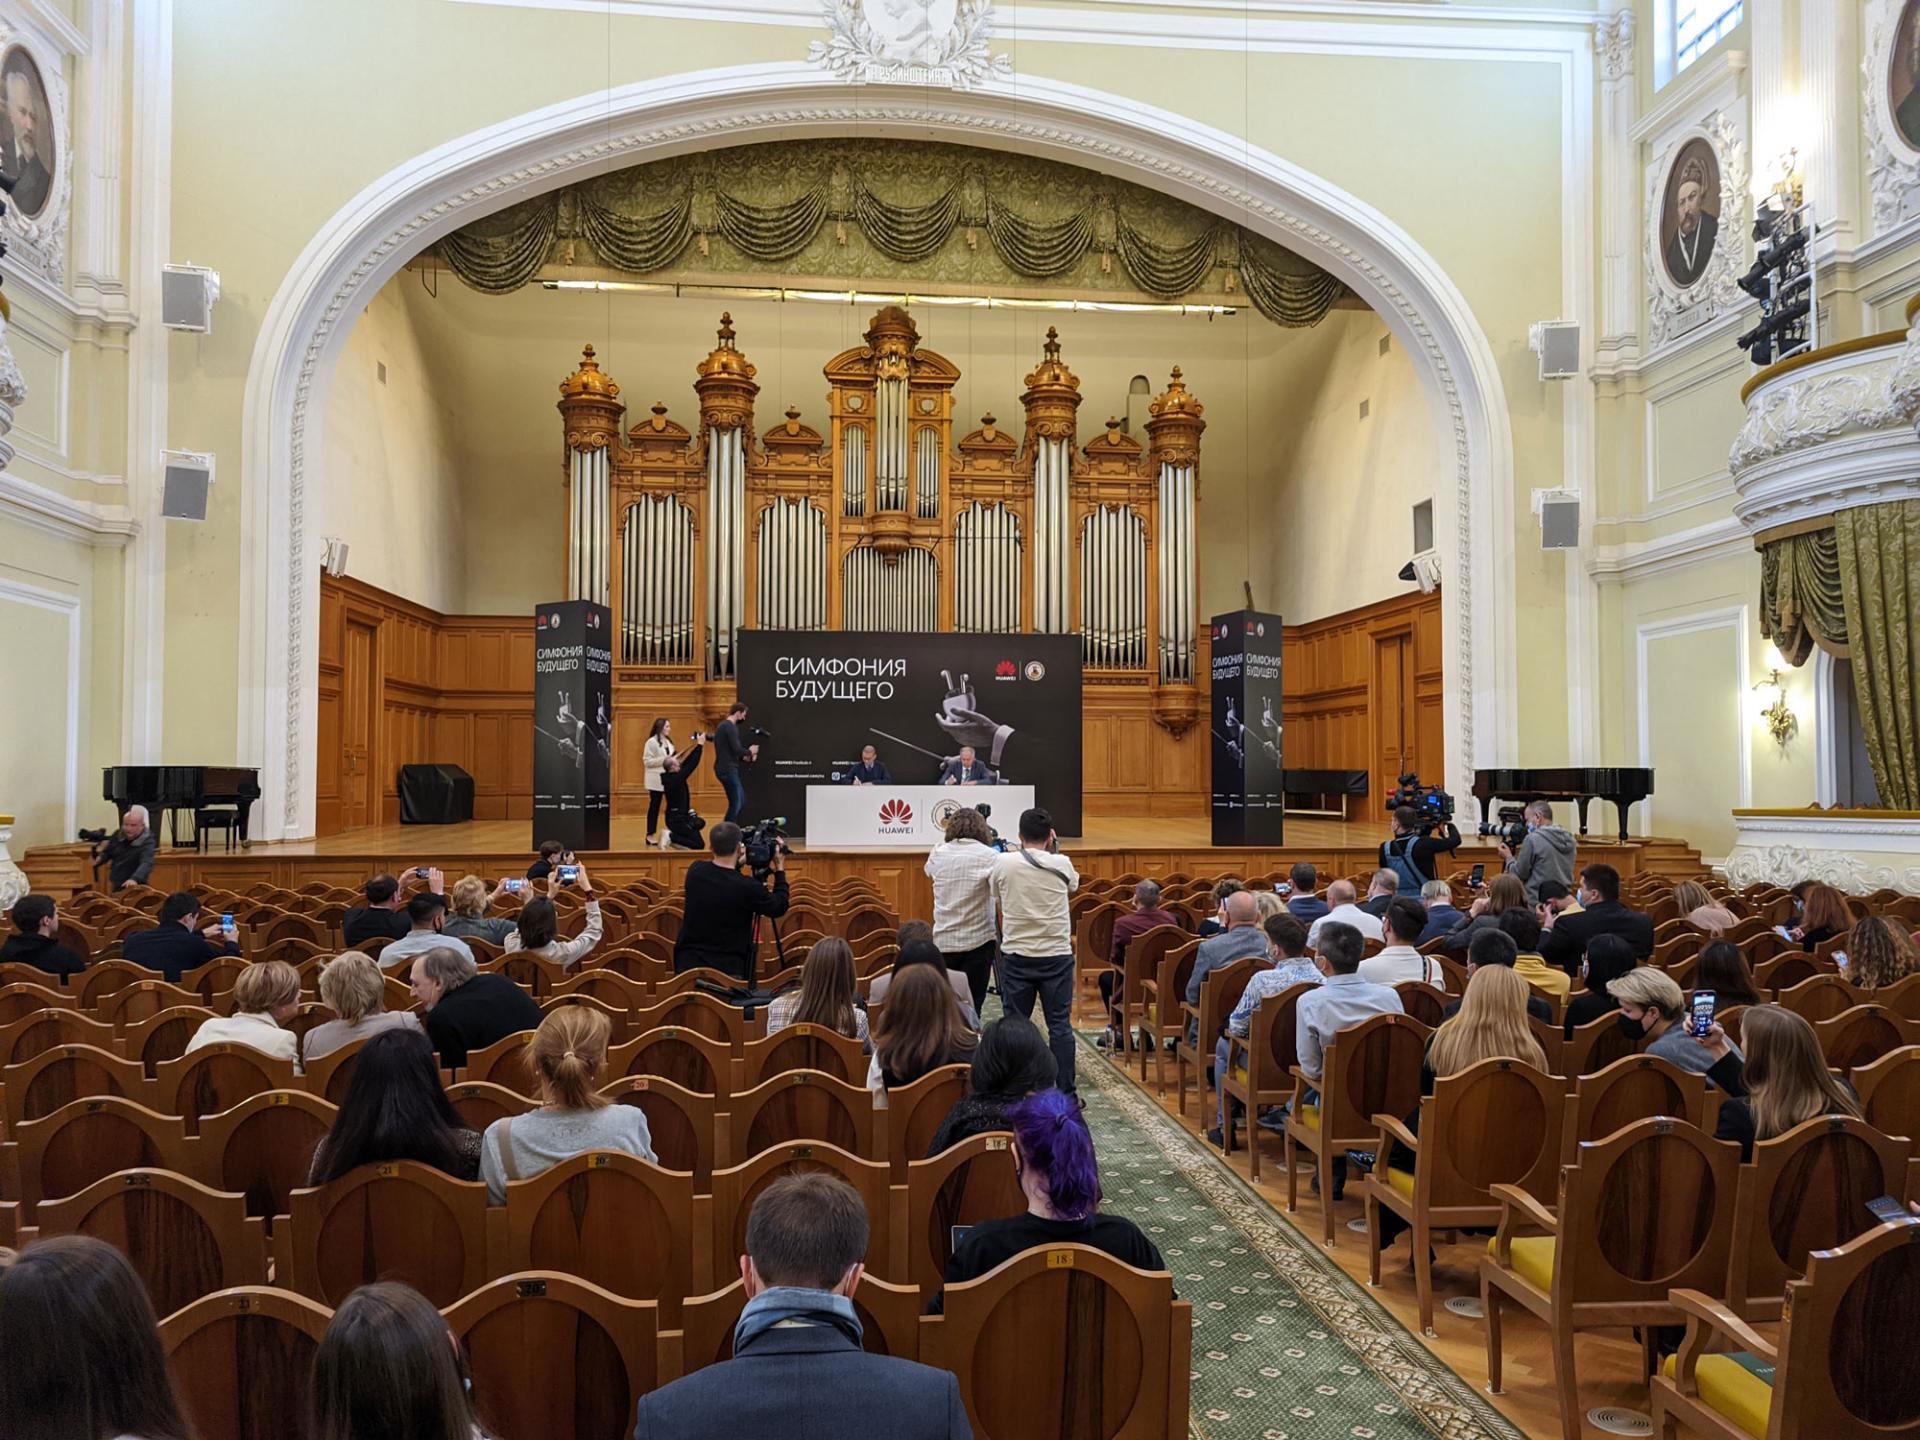 HUAWEI объявила оглобальном стратегическом партнерстве сМосковской государственной консерваторией имени П.И. Чайковского